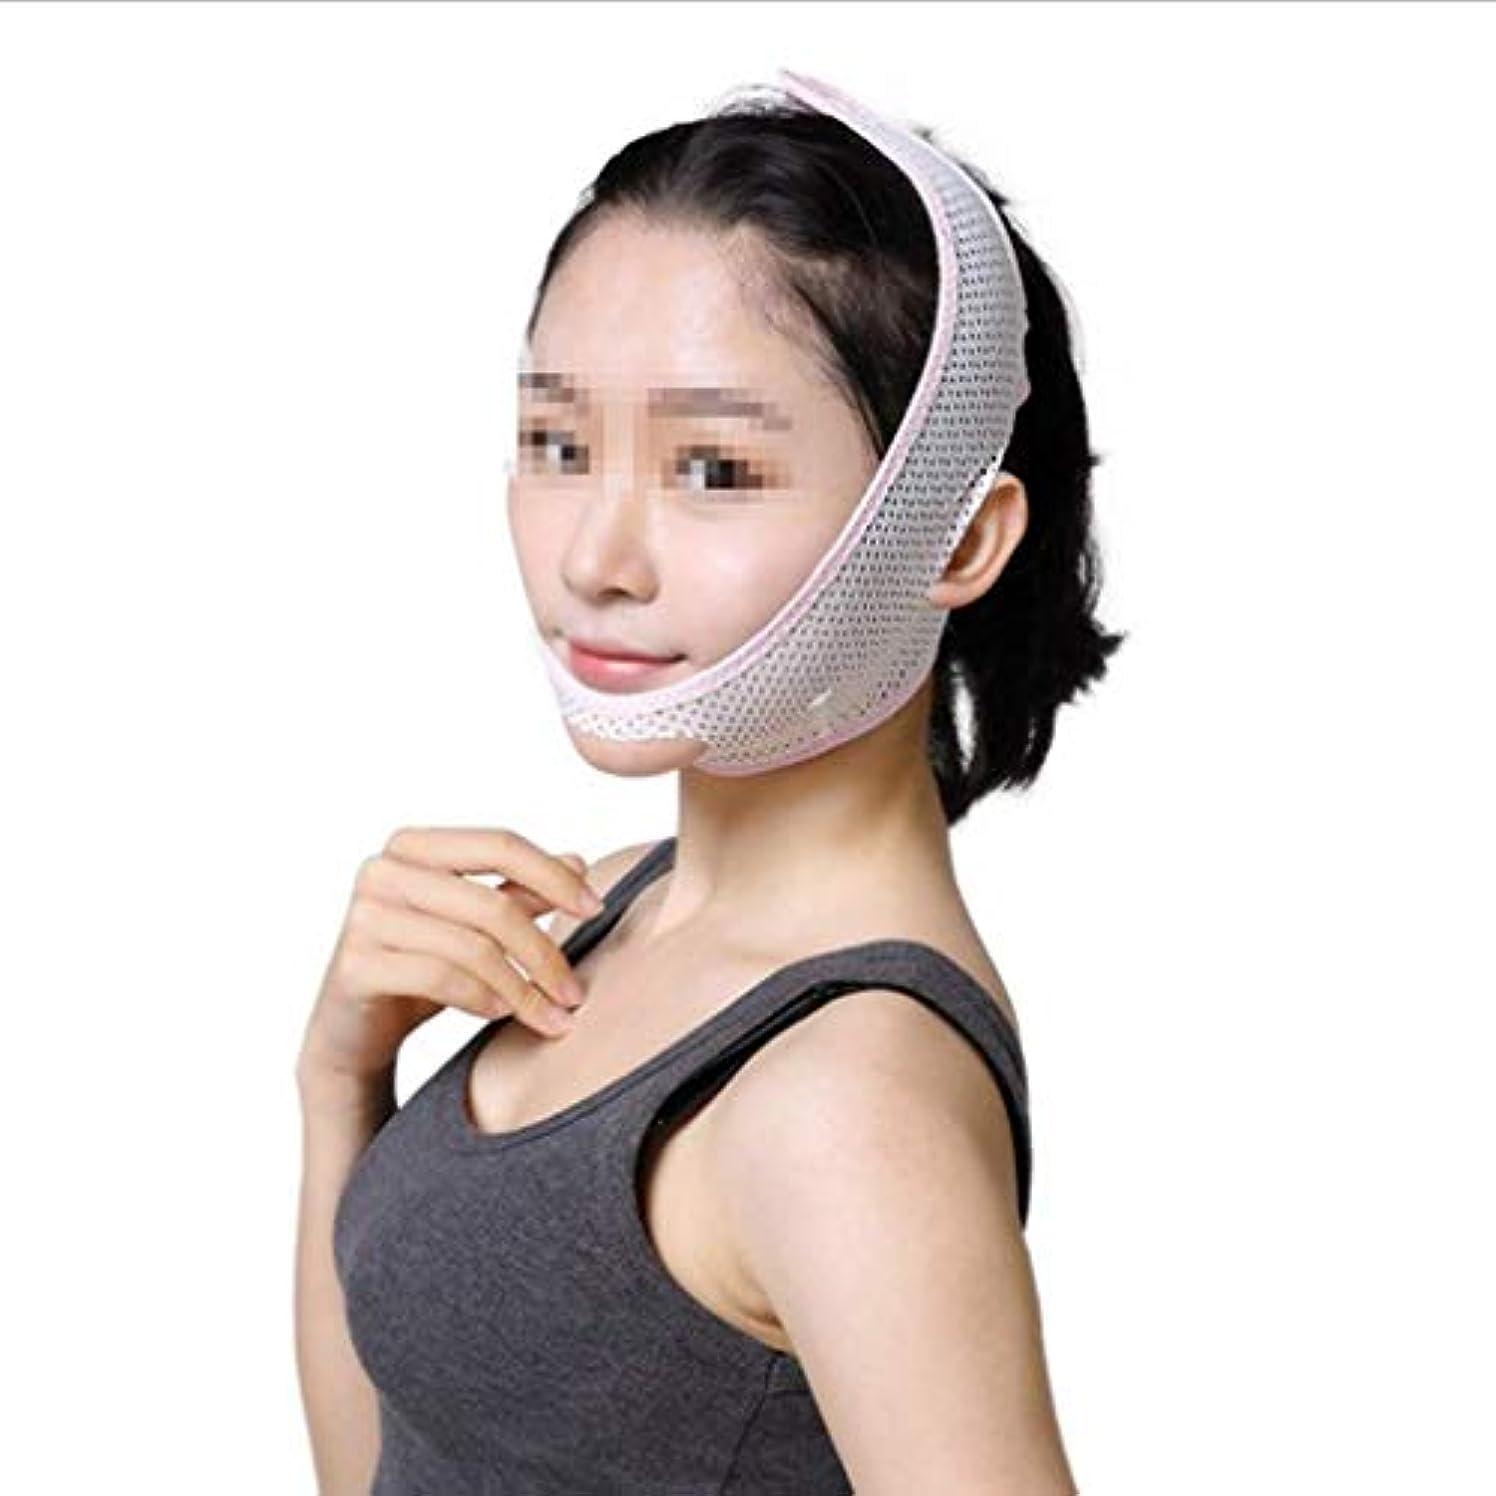 実現可能性お世話になった歩く超薄型通気性フェイスマスク、包帯Vフェイスマスクフェイスリフティングファーミングダブルチンシンフェイスベルト(サイズ:M),ザ?